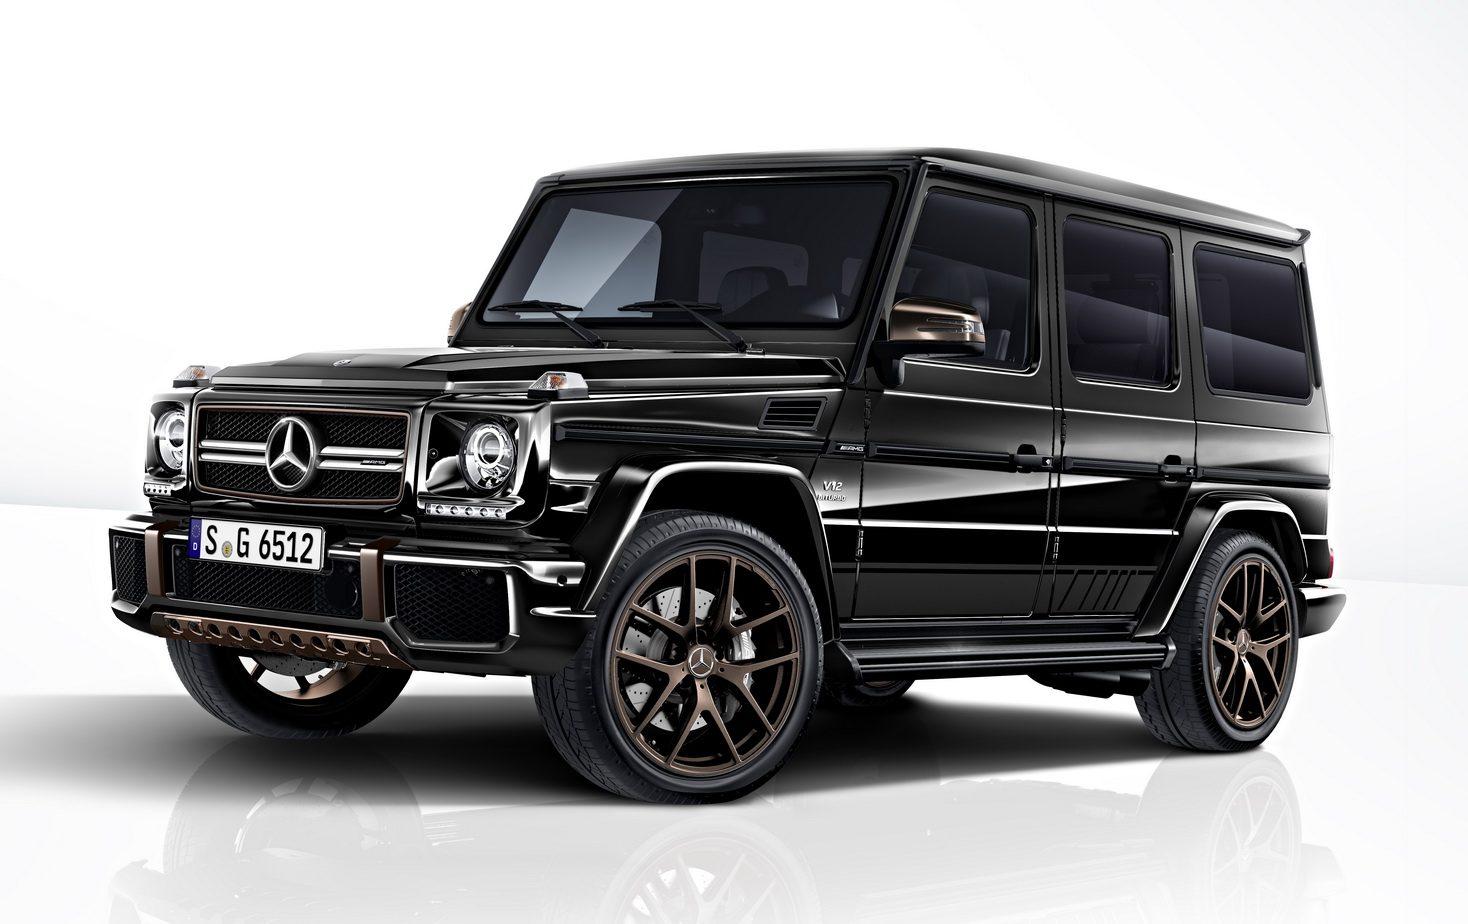 Mercedes Benz Classe G Sera Aposentado Relembre Sua Historia Quatro Rodas